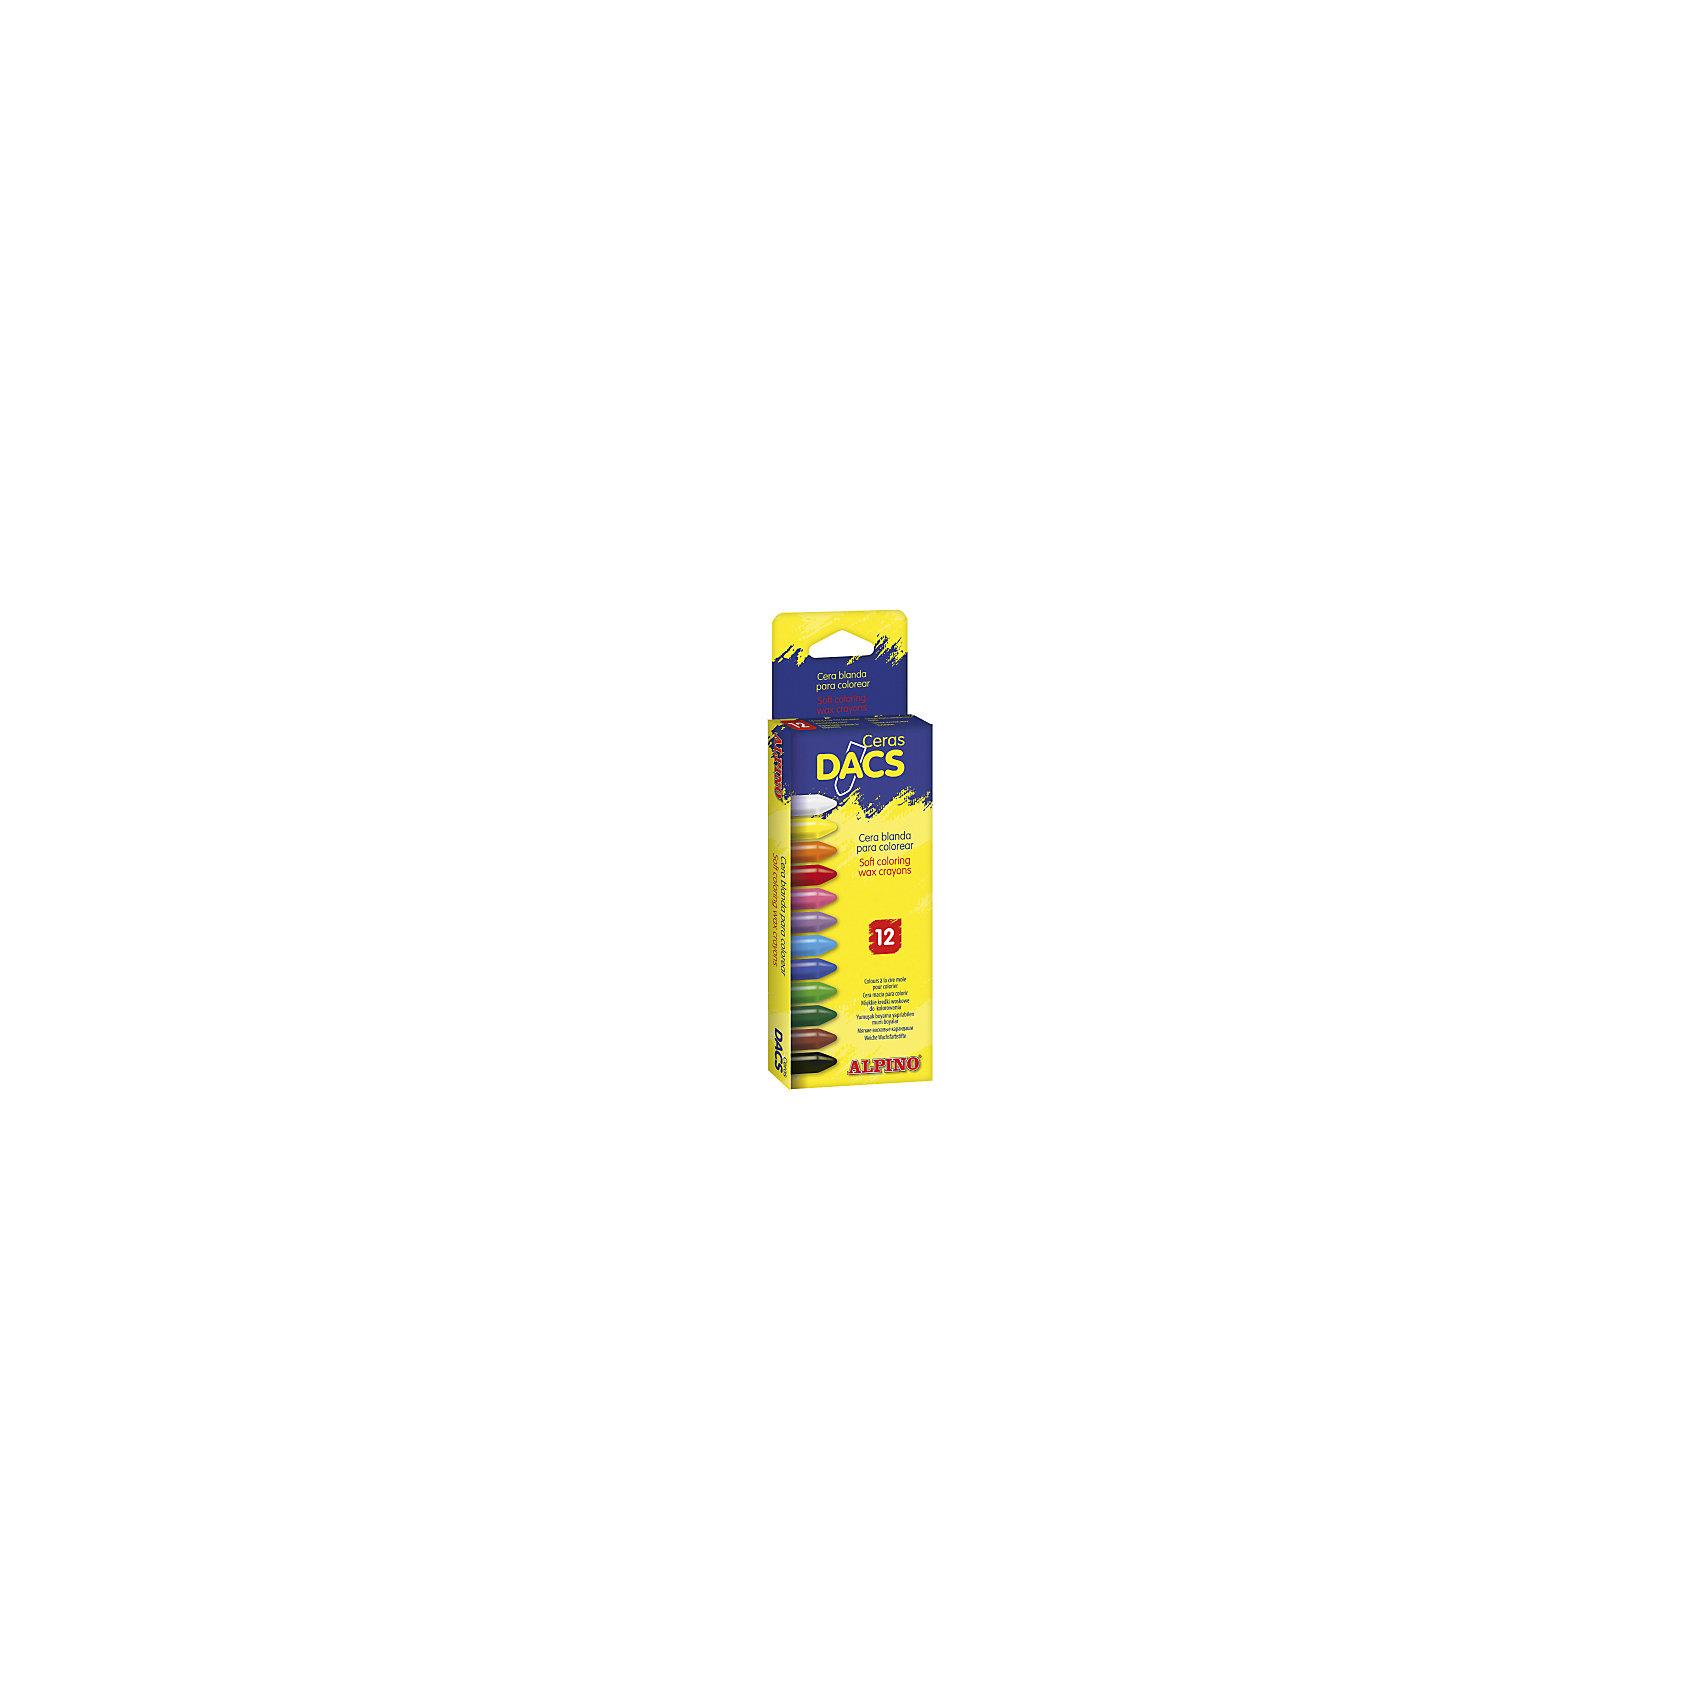 Восковые карандаши Ceras DACS, 12 цв.Рисование<br>Изготовлены по европейским стандартам качества (CE, EN 71, ISO 14021).<br>Экологически чистый материал без аллергических компонентов на основе натурального воска (Non-Allergic).<br>Особая кремовая мягкость, позволяющая смешивать цвета и получать новые оттенки. Утолщённое сечение.<br>Чистые, яркие и насыщенные цвета. Отсутствие слоистости и равномерное окрашивание.<br>Рекомендуются опытными педагогами для развития навыков изобразительного творчества. Идеально подходят для начертания хорошо видимых жирных линий и при закрашивании больших поверхностей. Замечательно рисуют на бумаге, картоне, ватмане, деревянных, глиняных и других шероховатых поверхностях.<br>Низкая утомляемость рук.<br>Водоустойчивые и устойчивые к ломке, не пачкают руки, стираются обычным ластиком.<br>Очень легко затачиваются.<br>Смываются с кожи без применения мыла, легко отстирываются с большинства обычных тканей.<br>Упаковка с европетлей<br>Производитель: ALPINO (Испания)<br><br>Ширина мм: 70<br>Глубина мм: 16<br>Высота мм: 225<br>Вес г: 73<br>Возраст от месяцев: 36<br>Возраст до месяцев: 120<br>Пол: Унисекс<br>Возраст: Детский<br>SKU: 5389738